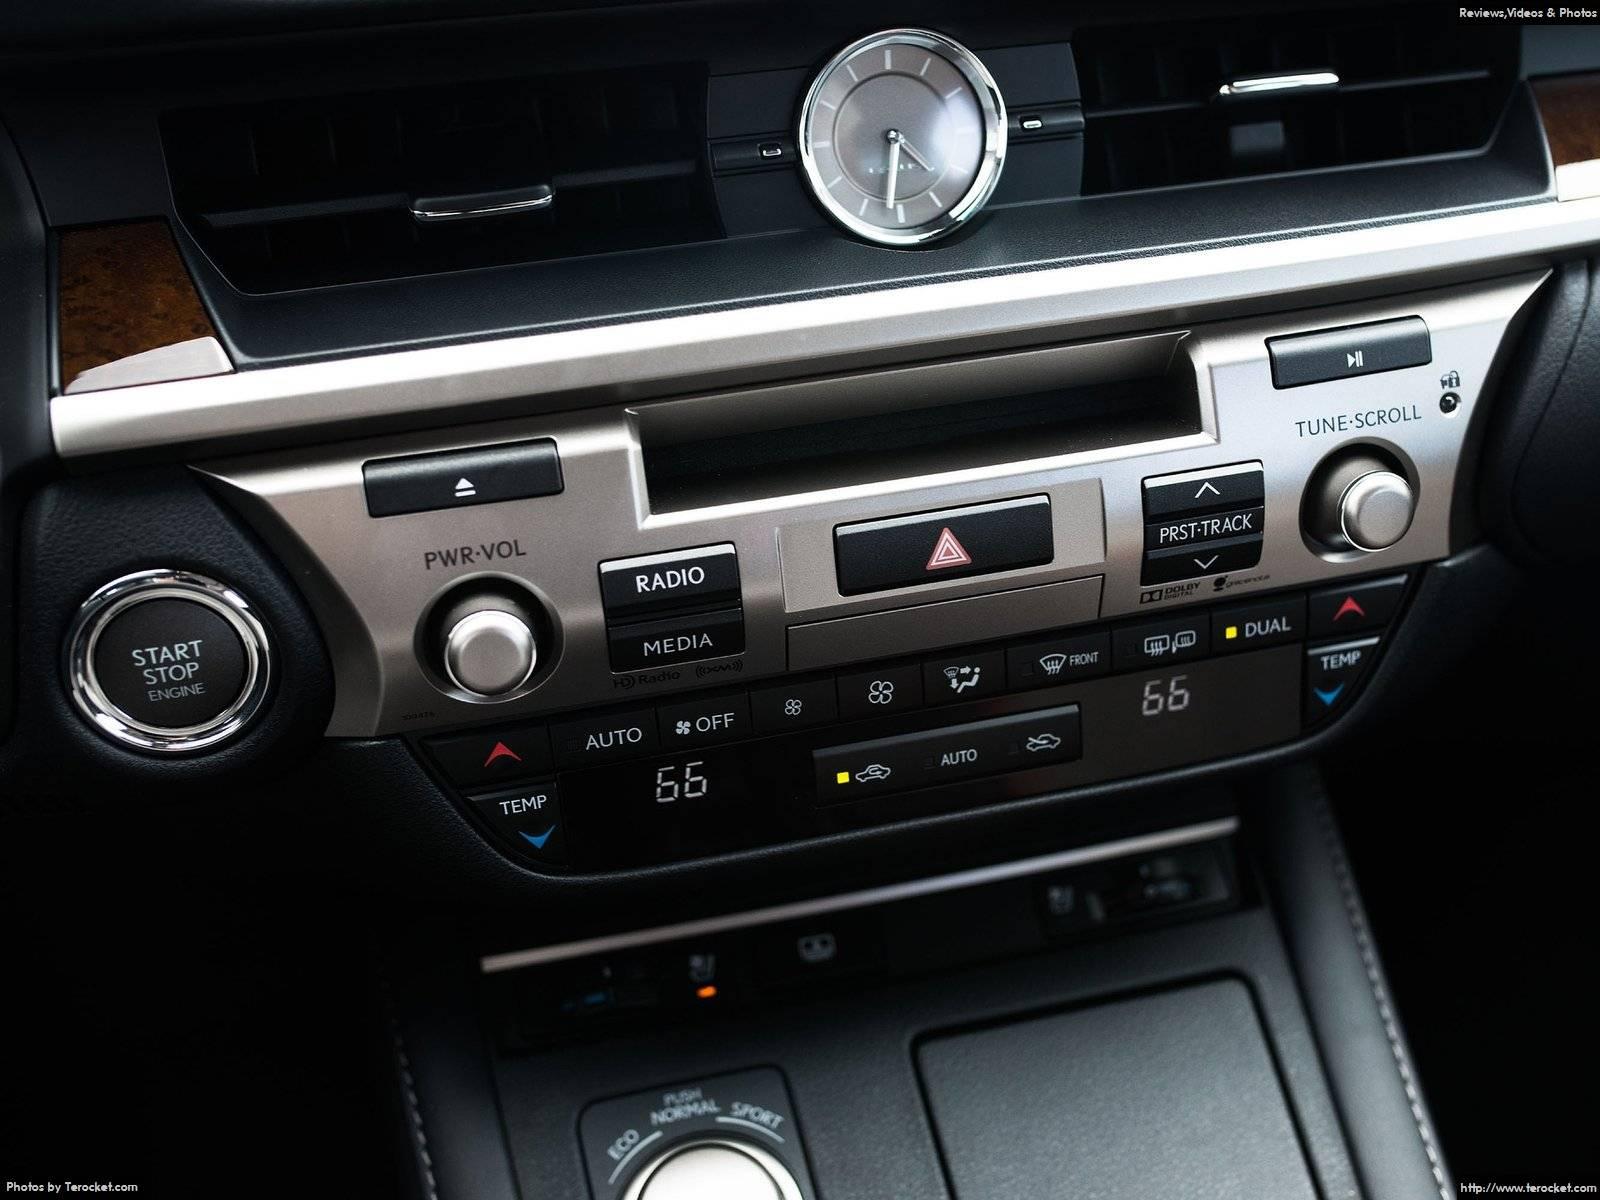 Hệ thống giải trí đỉnh cao của xe, nút start top thông minh cũng được trang bị